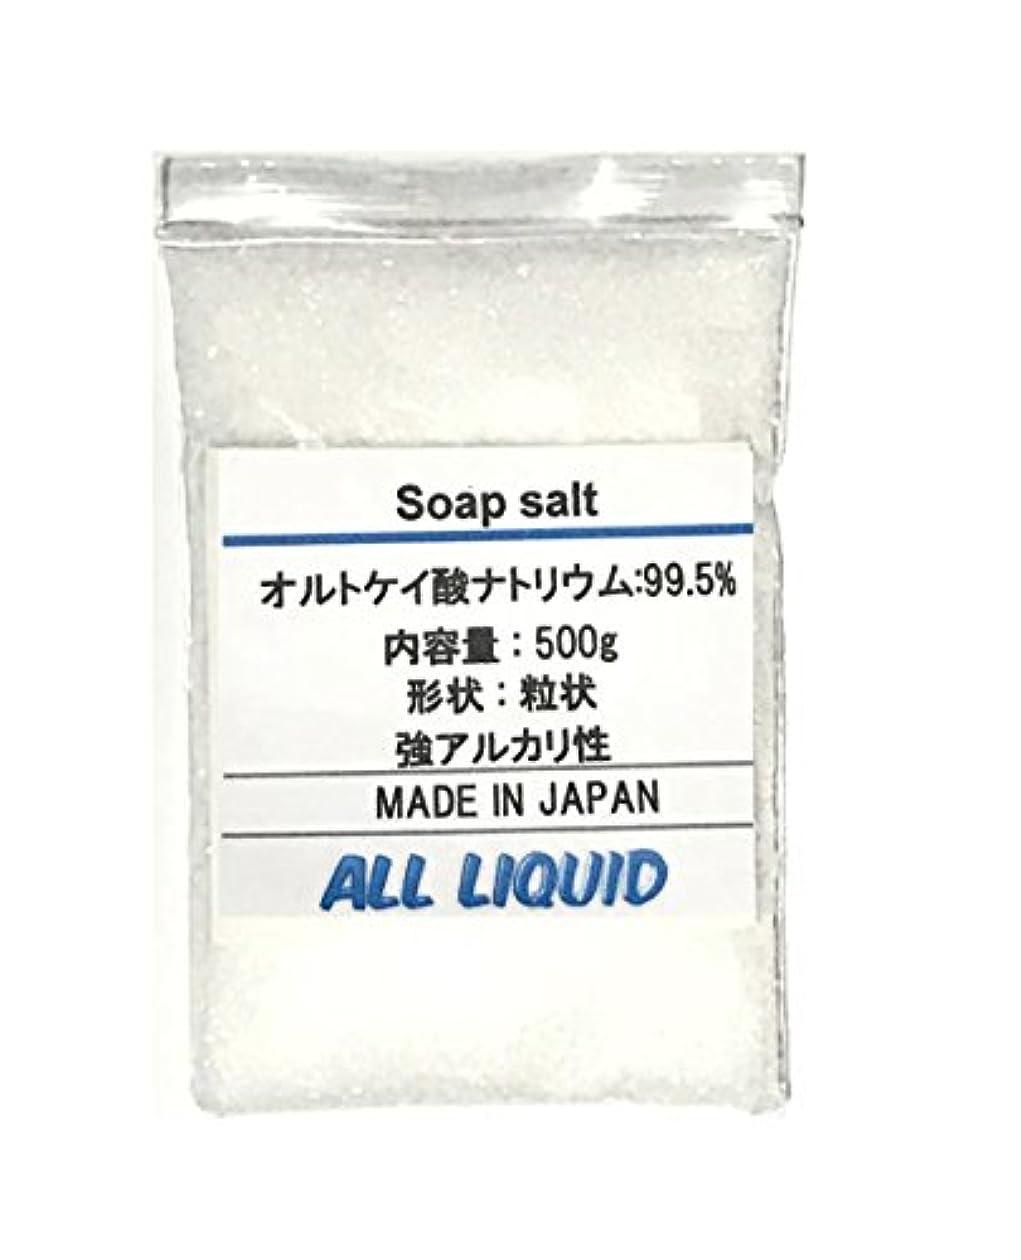 アーカイブ地球赤面オルトケイ酸ナトリウム (水ガラス) 1Kg 粒状 まぜたら石鹸 廃油 手作り石鹸に 各サイズ選べます